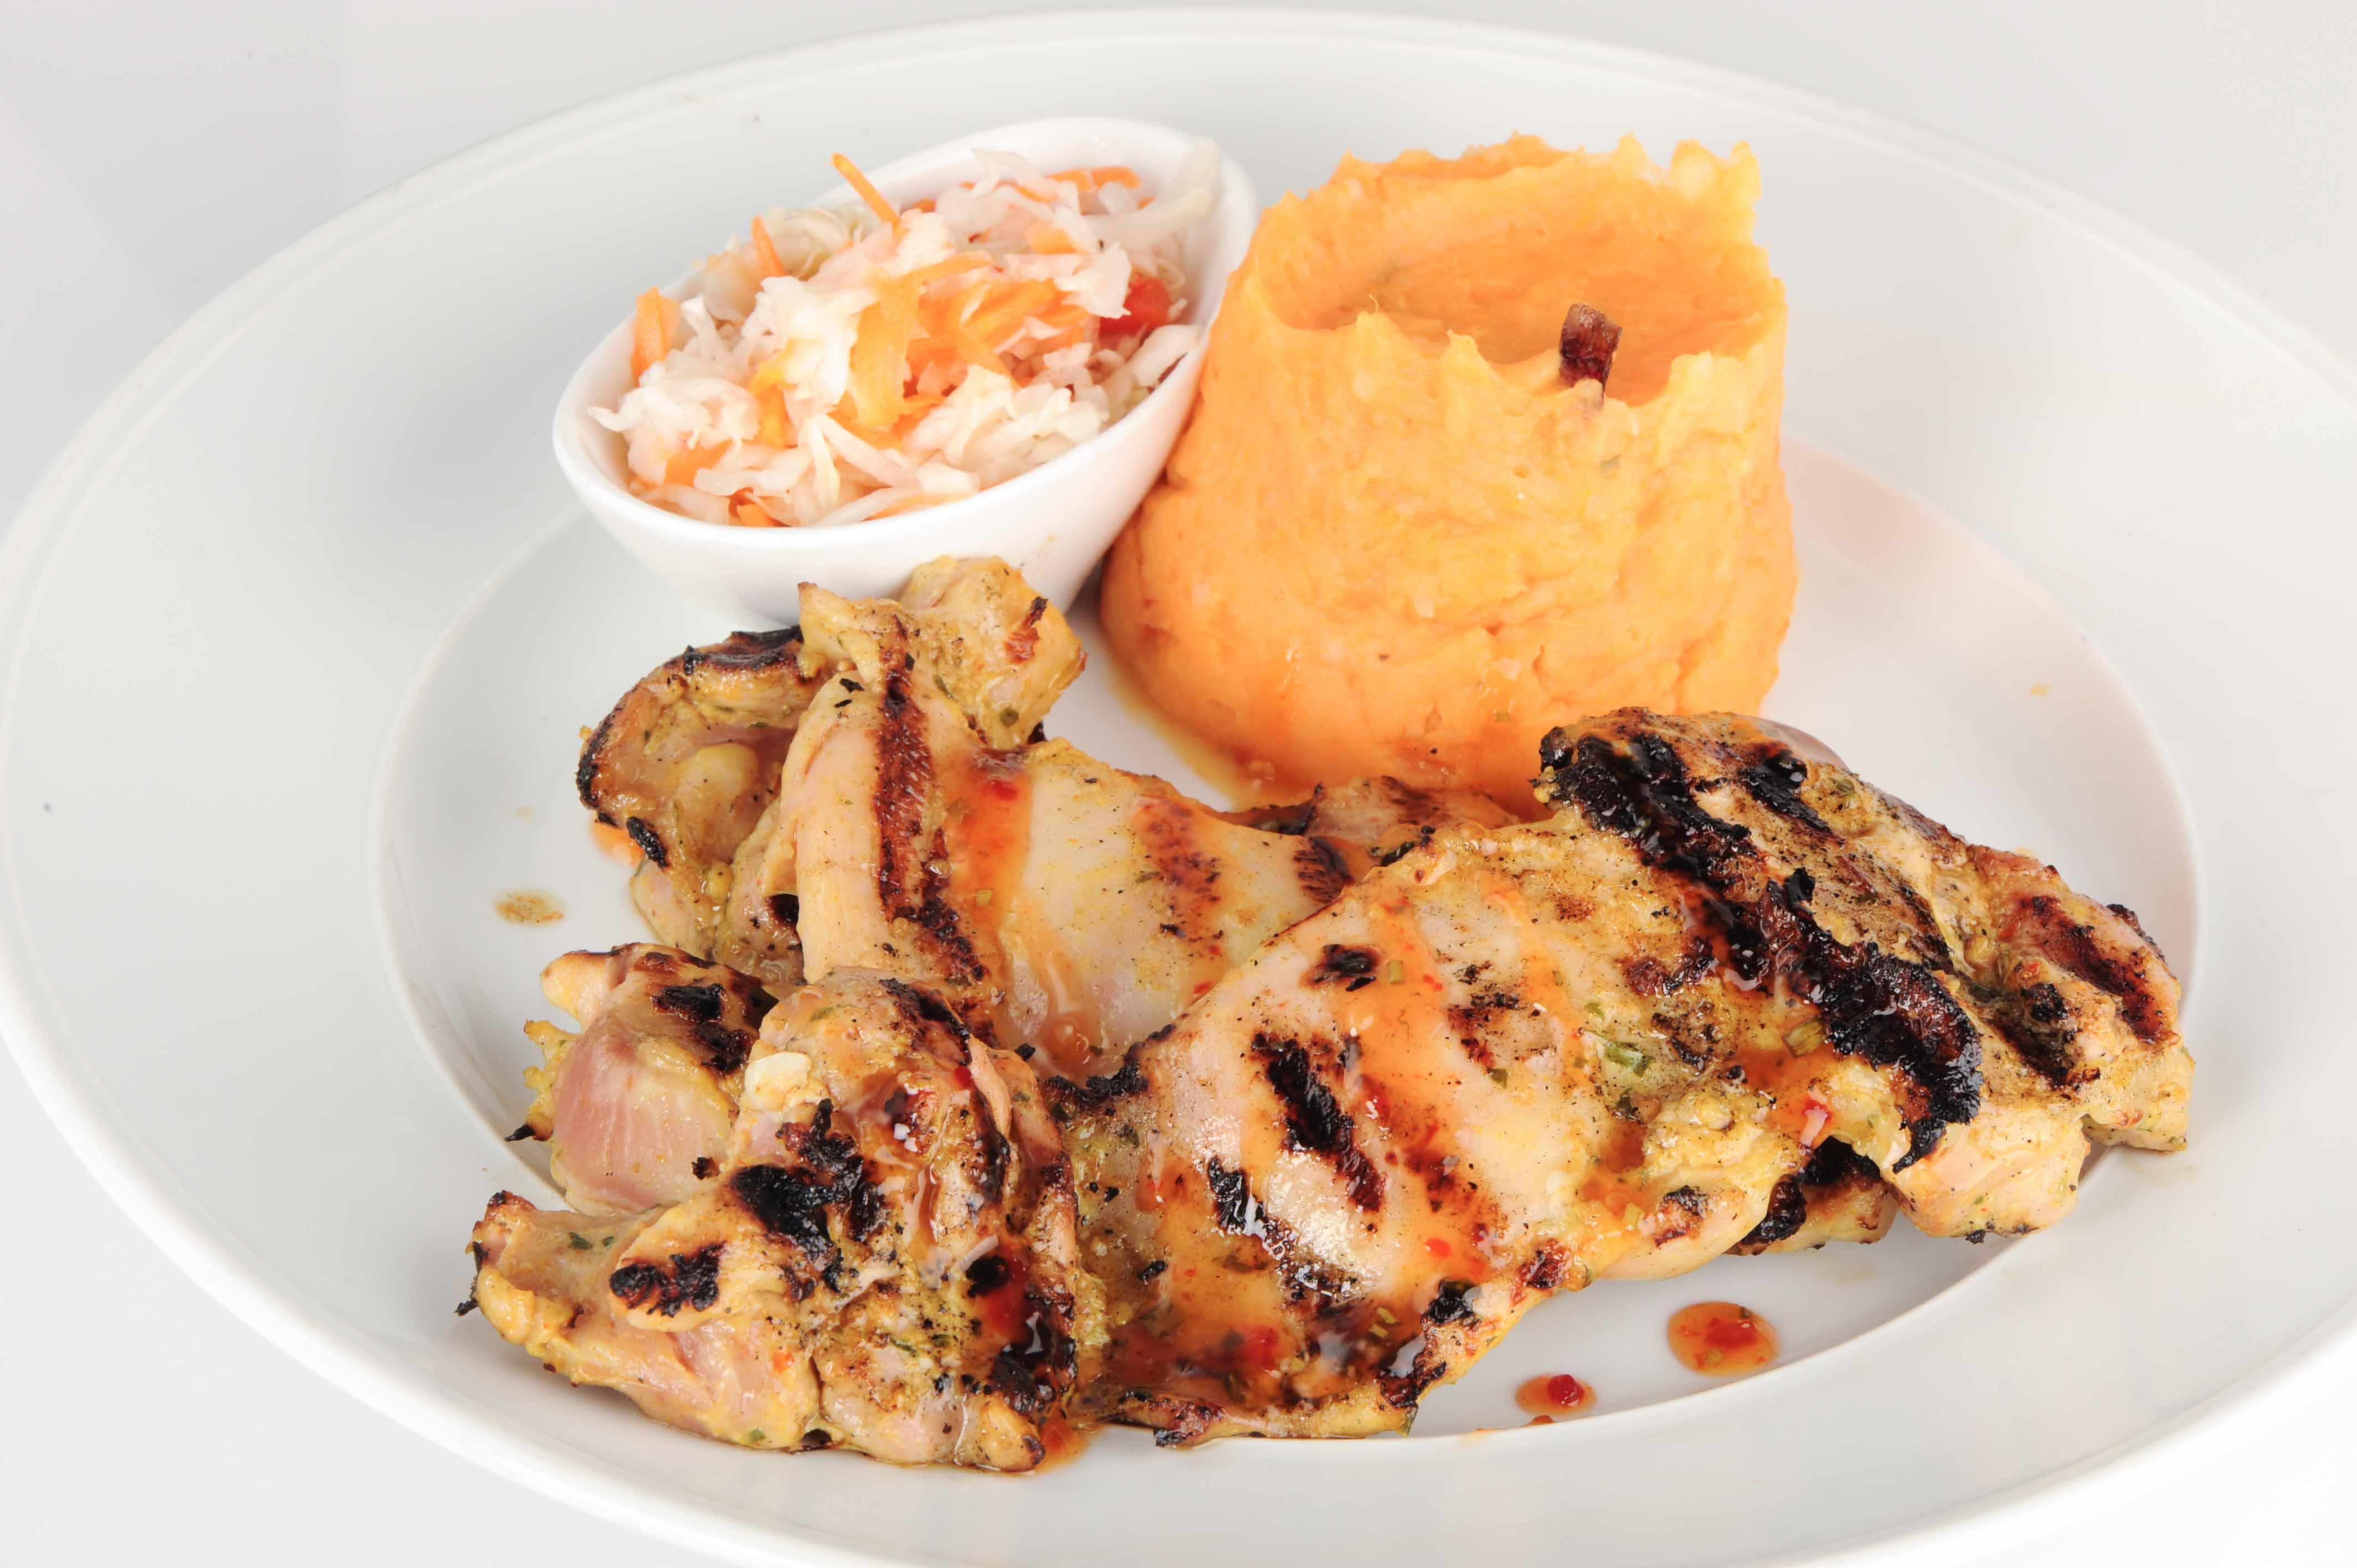 ביסטרו56- מסעדה כשרה בהרצליה